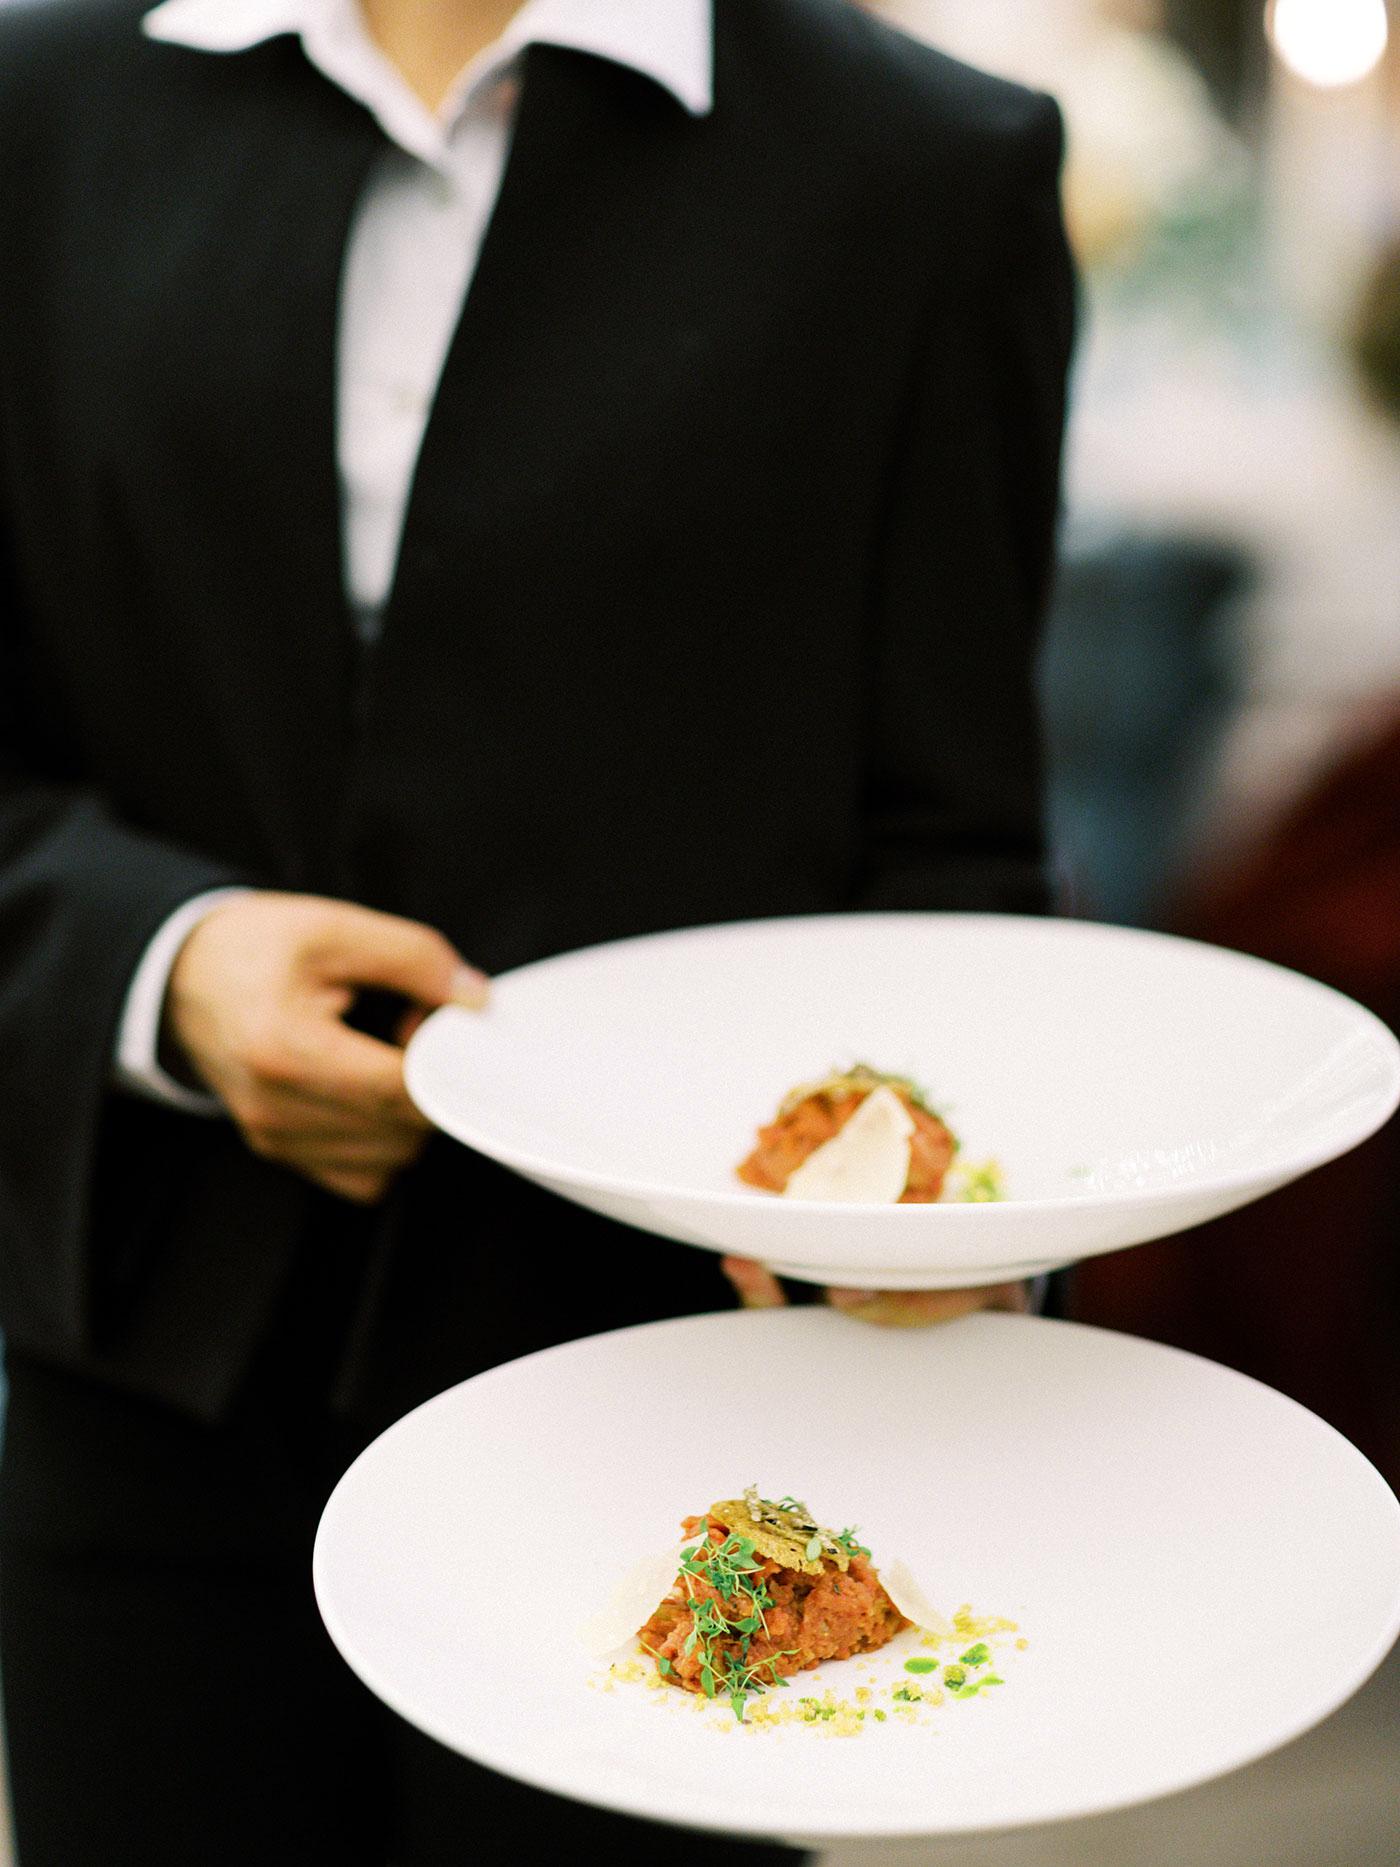 julia franz wedding food